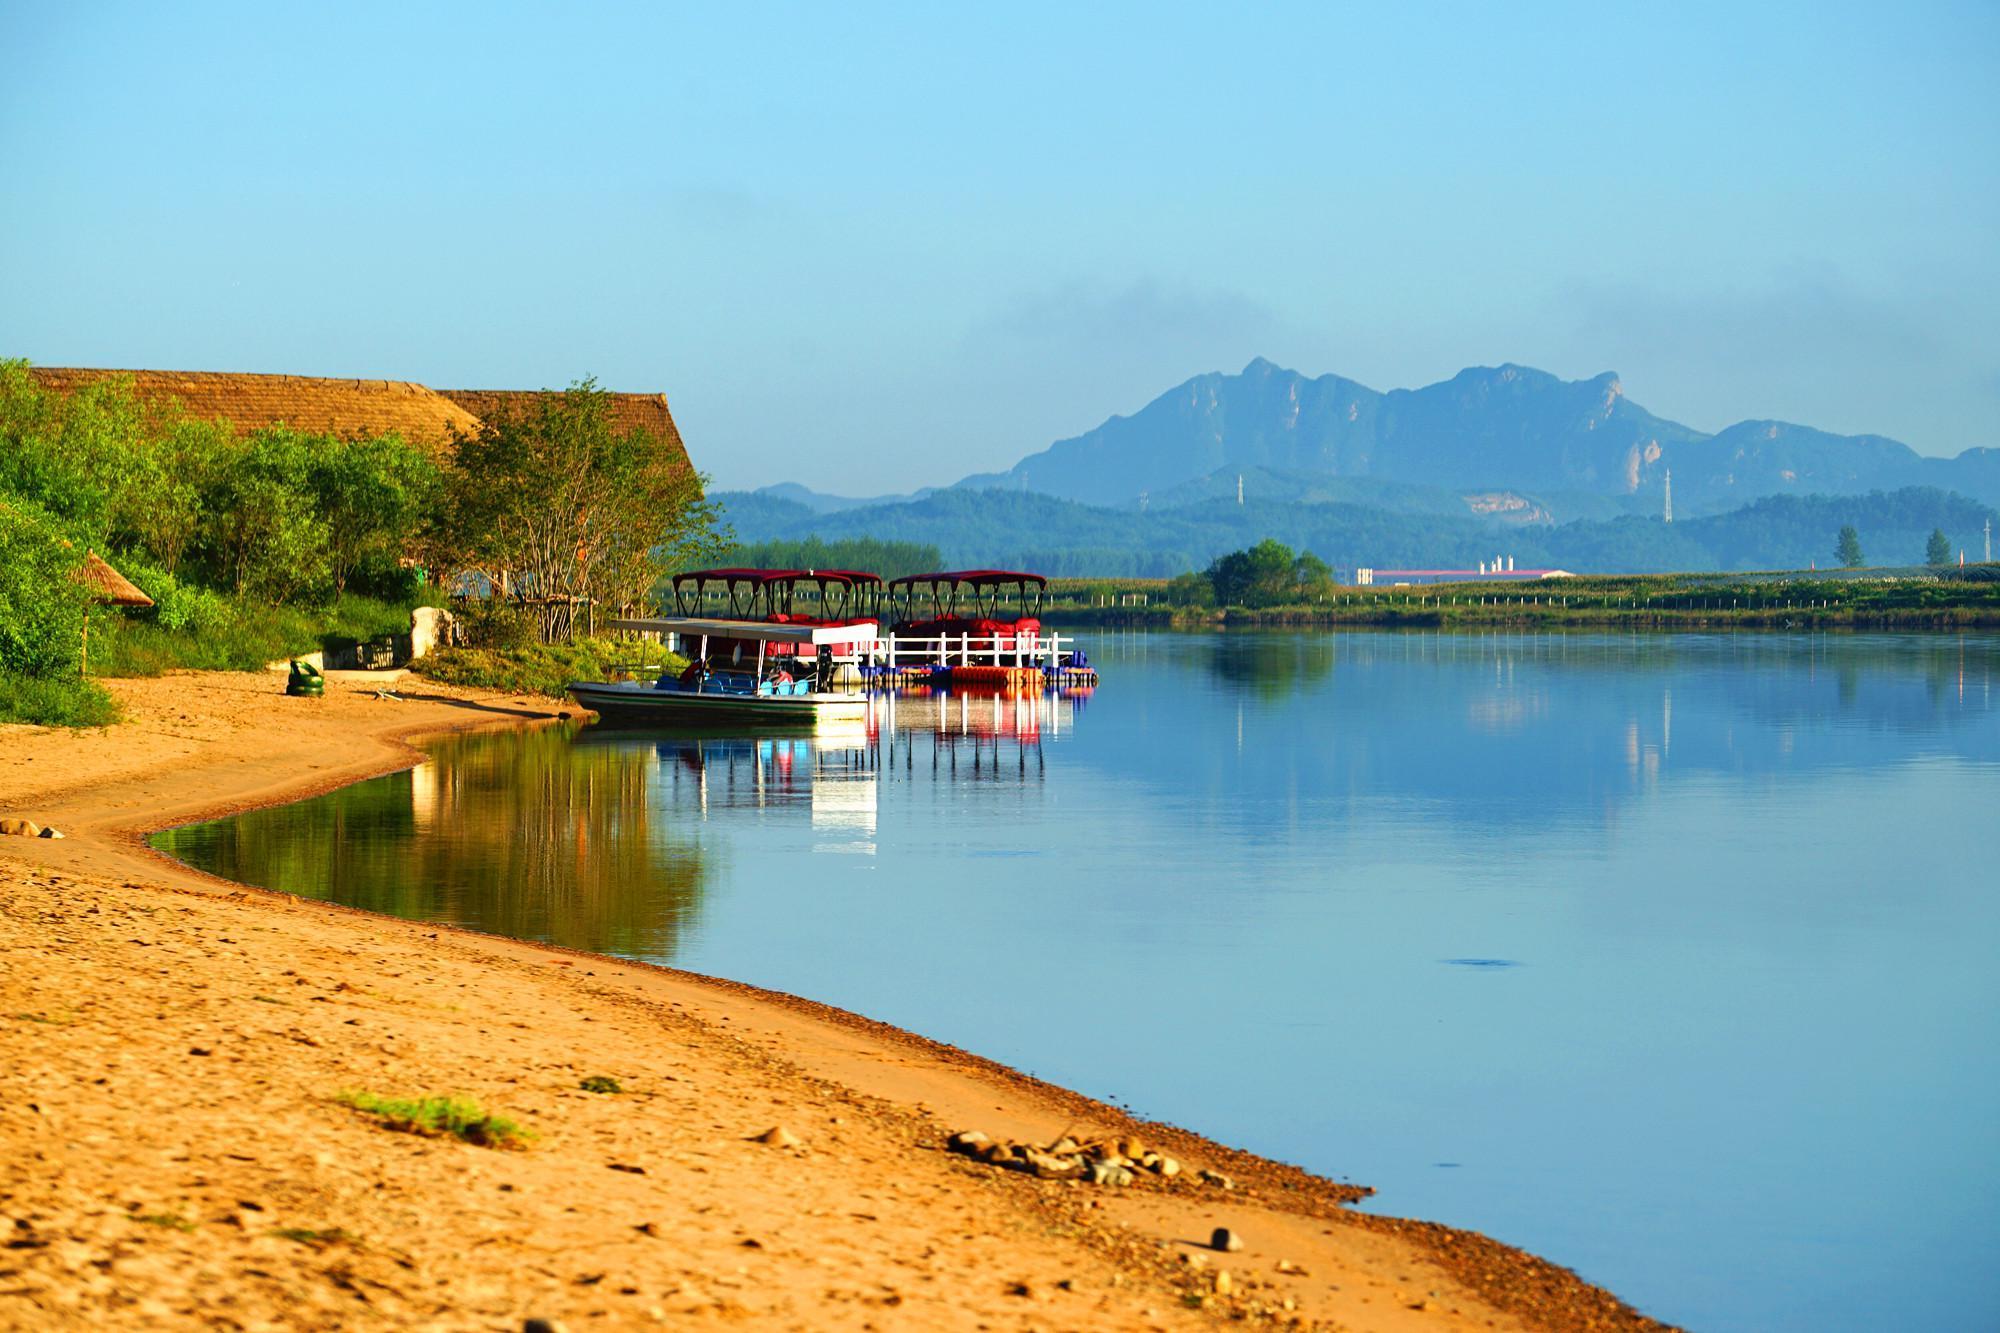 养生度假就到凤城来,爱河畔有人在等你